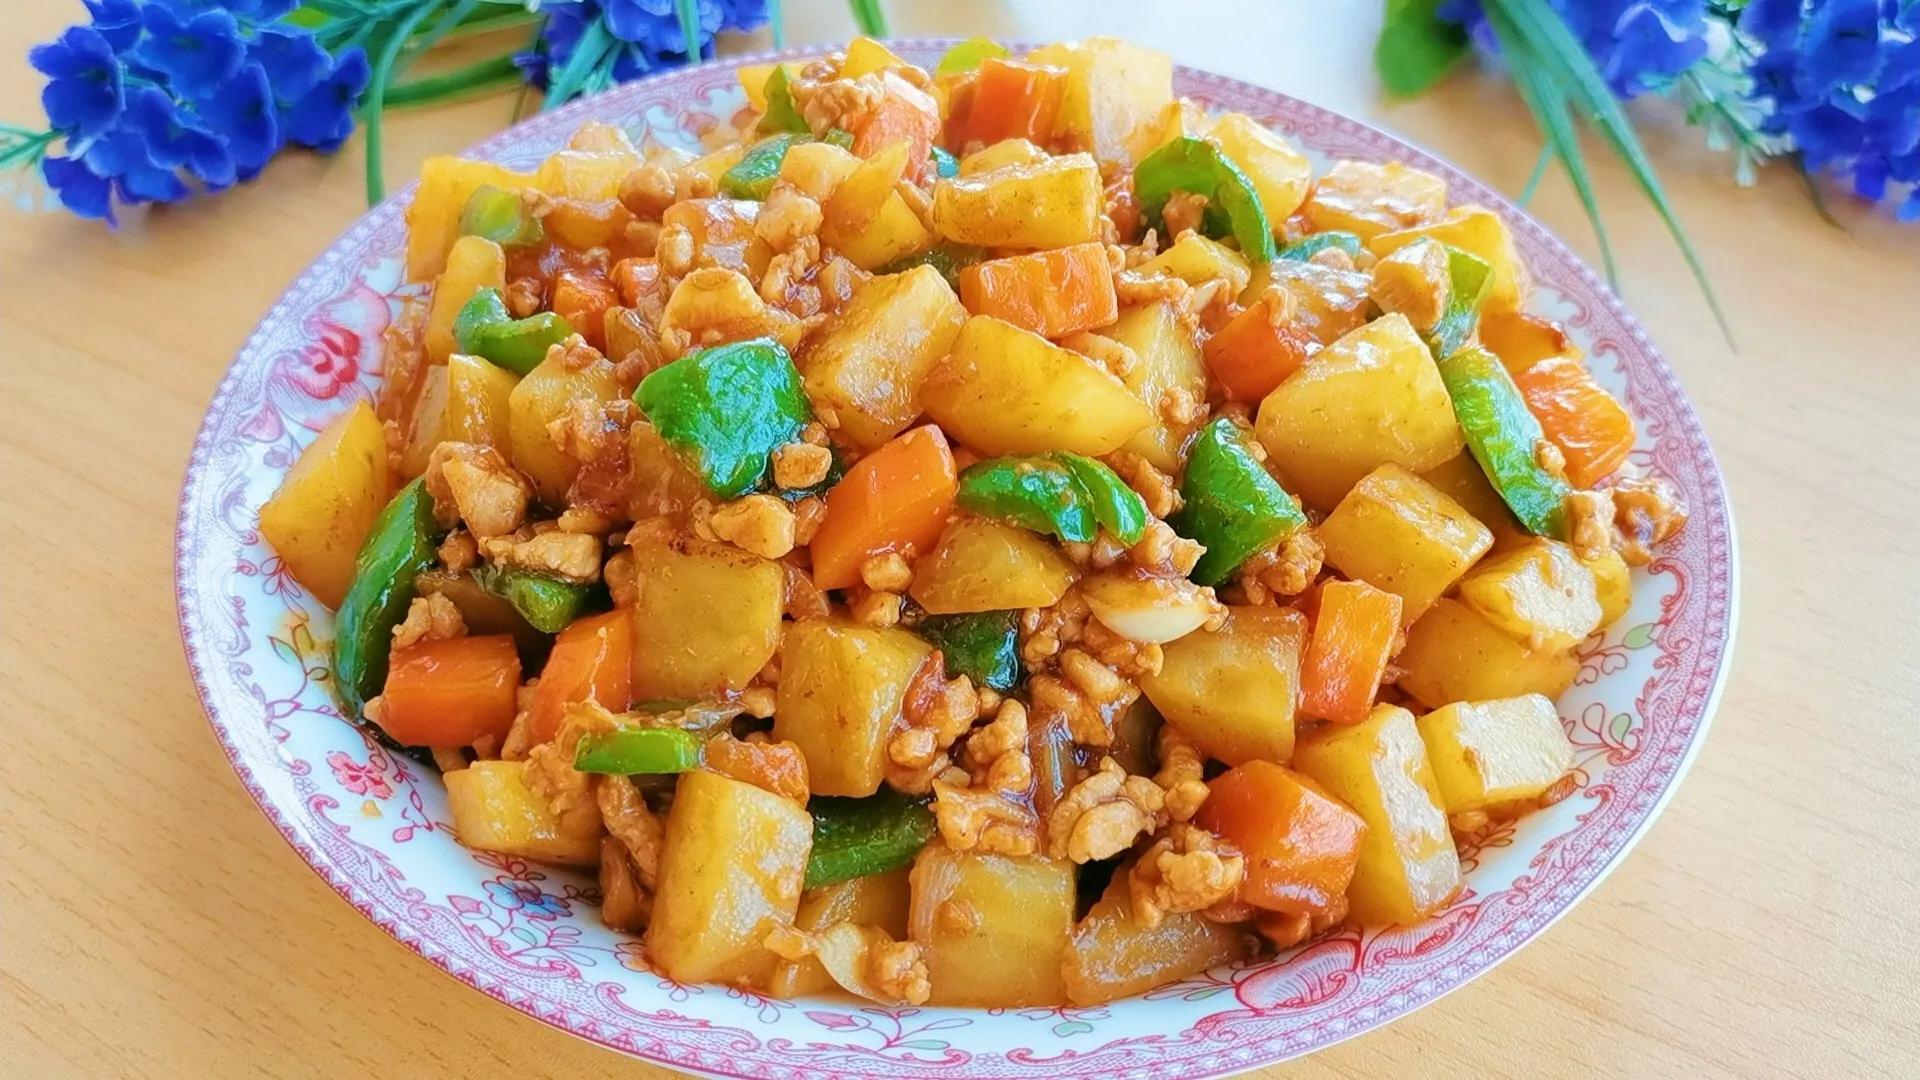 土豆的神仙吃法,连孩子都能多吃半碗饭,制作简单,好吃又营养 美食做法 第13张